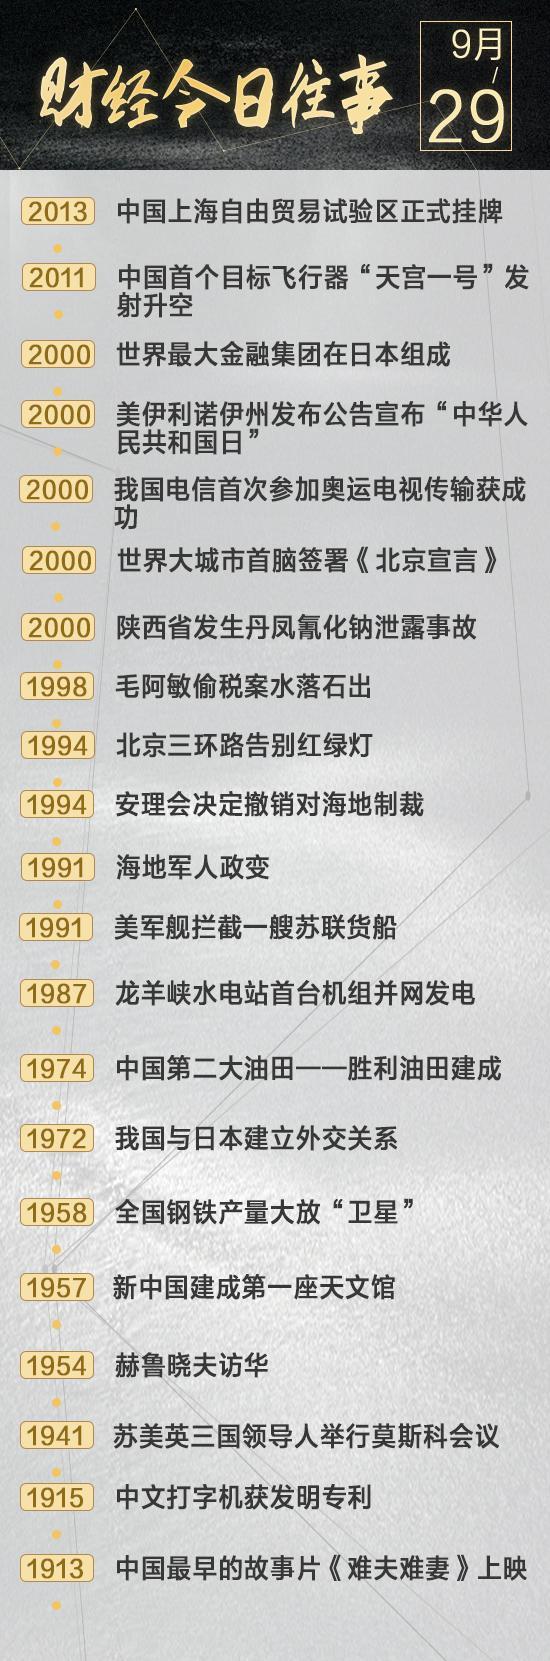 财经今日往事:国税总局宣布毛阿敏偷税案水落石出